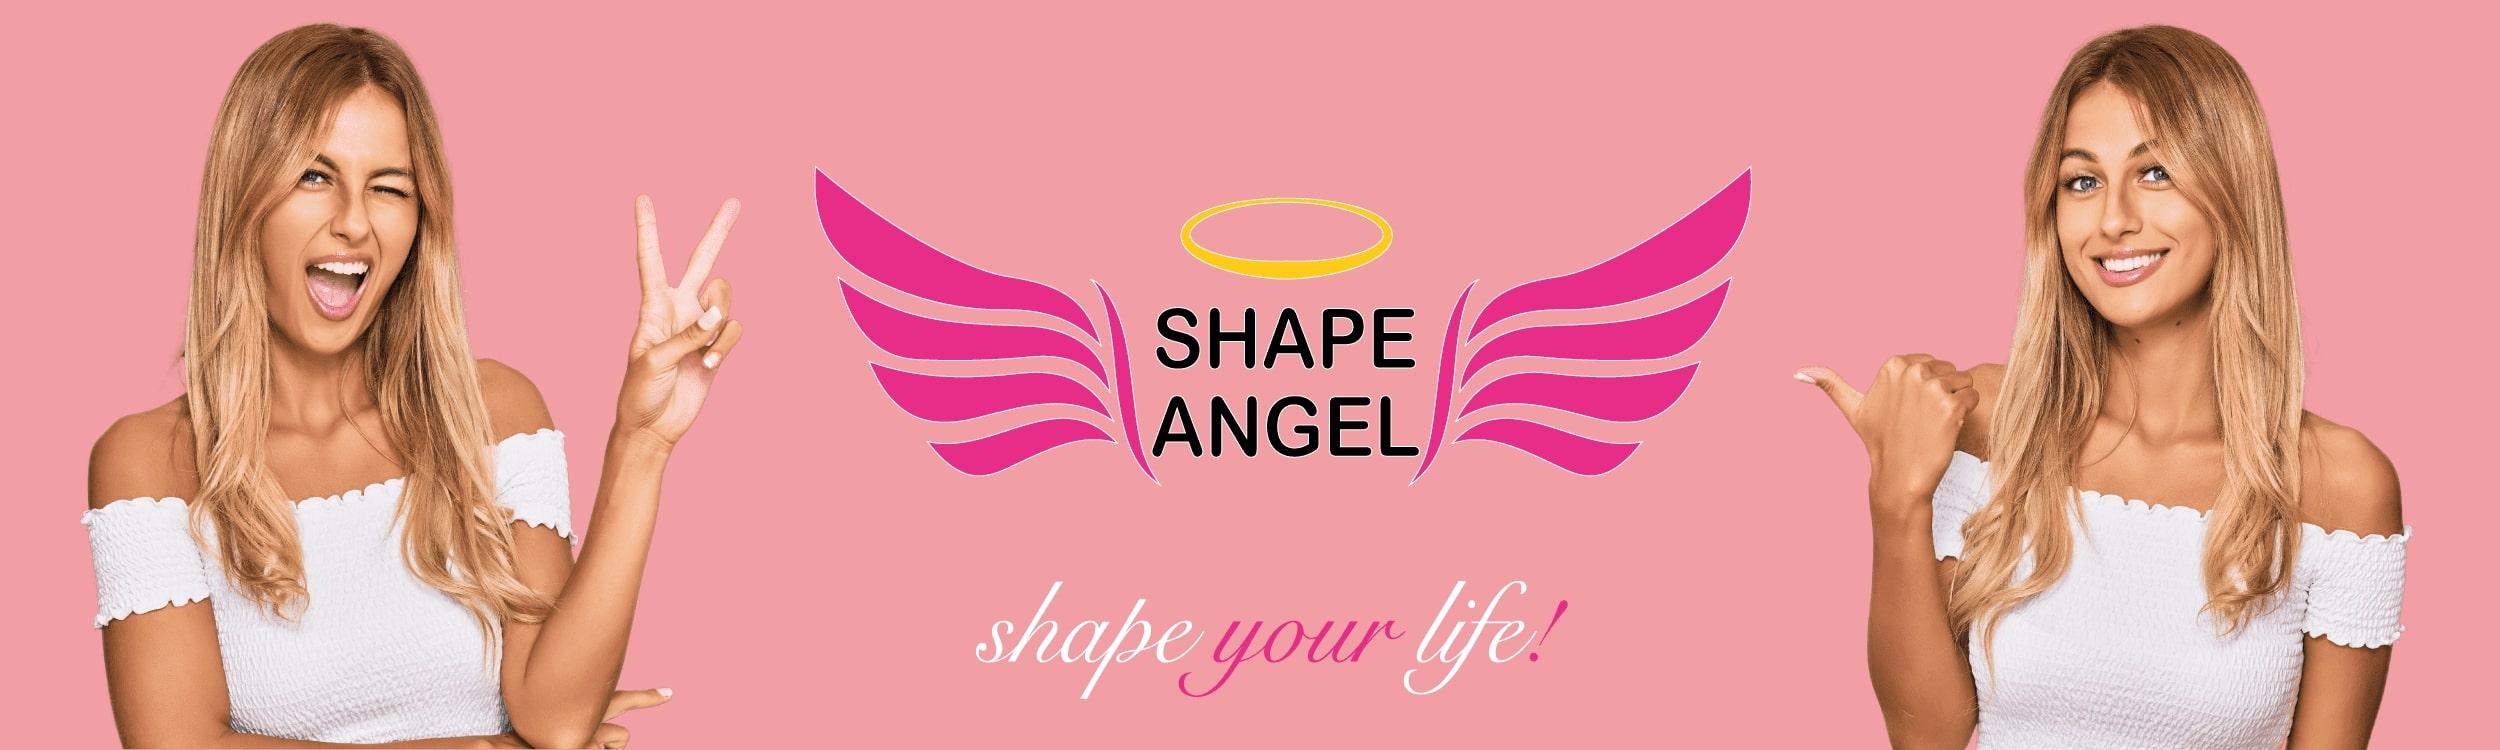 shape angel für frauen for woman for women nahrungsergänzungsmittel supplement banner vegan bio glutenfrei laktosefrei gmofrei zuckerfrei hergestellt in de made in germany